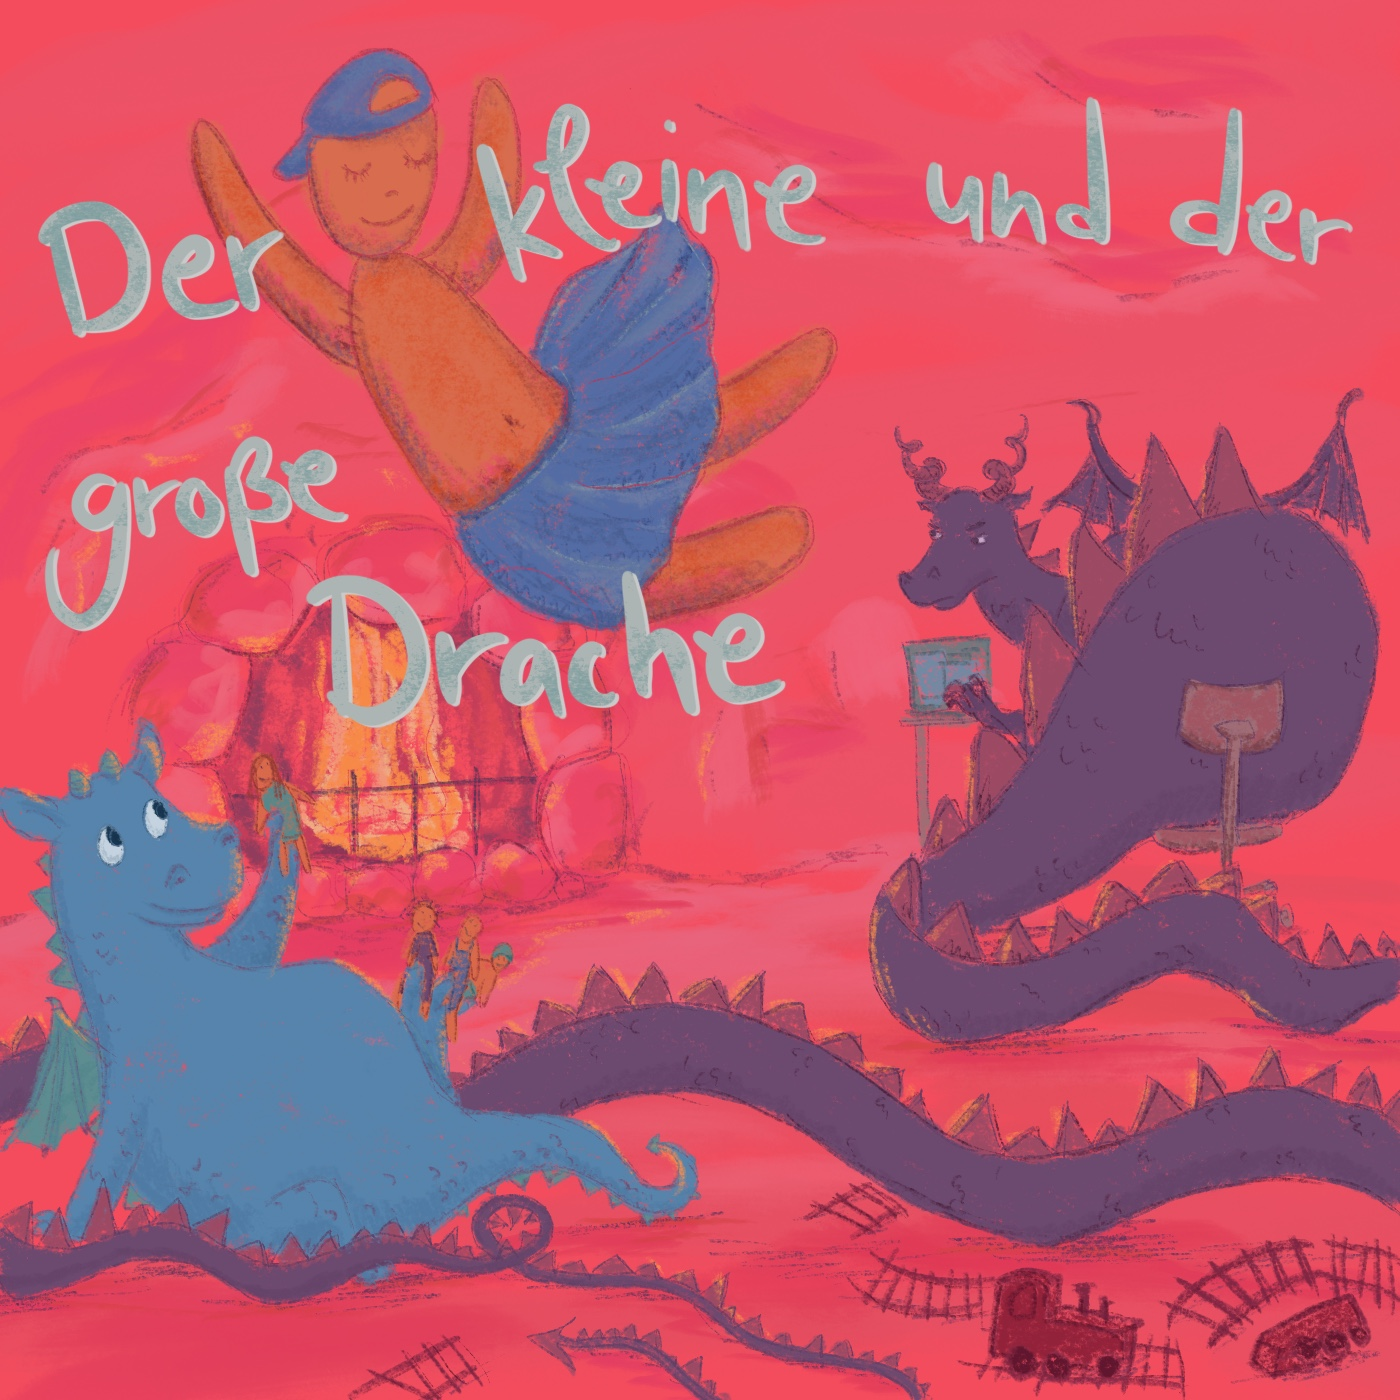 Ein kleiner, blauer Drache und ein großer, violetter Drache sitzen in einer Höhle. Der große Drache sitzt am Laptop und guckt genervt zum kleinen Drachen, der mit Puppen spielt. Auf dem Boden liegen Eisenbahnschienen.